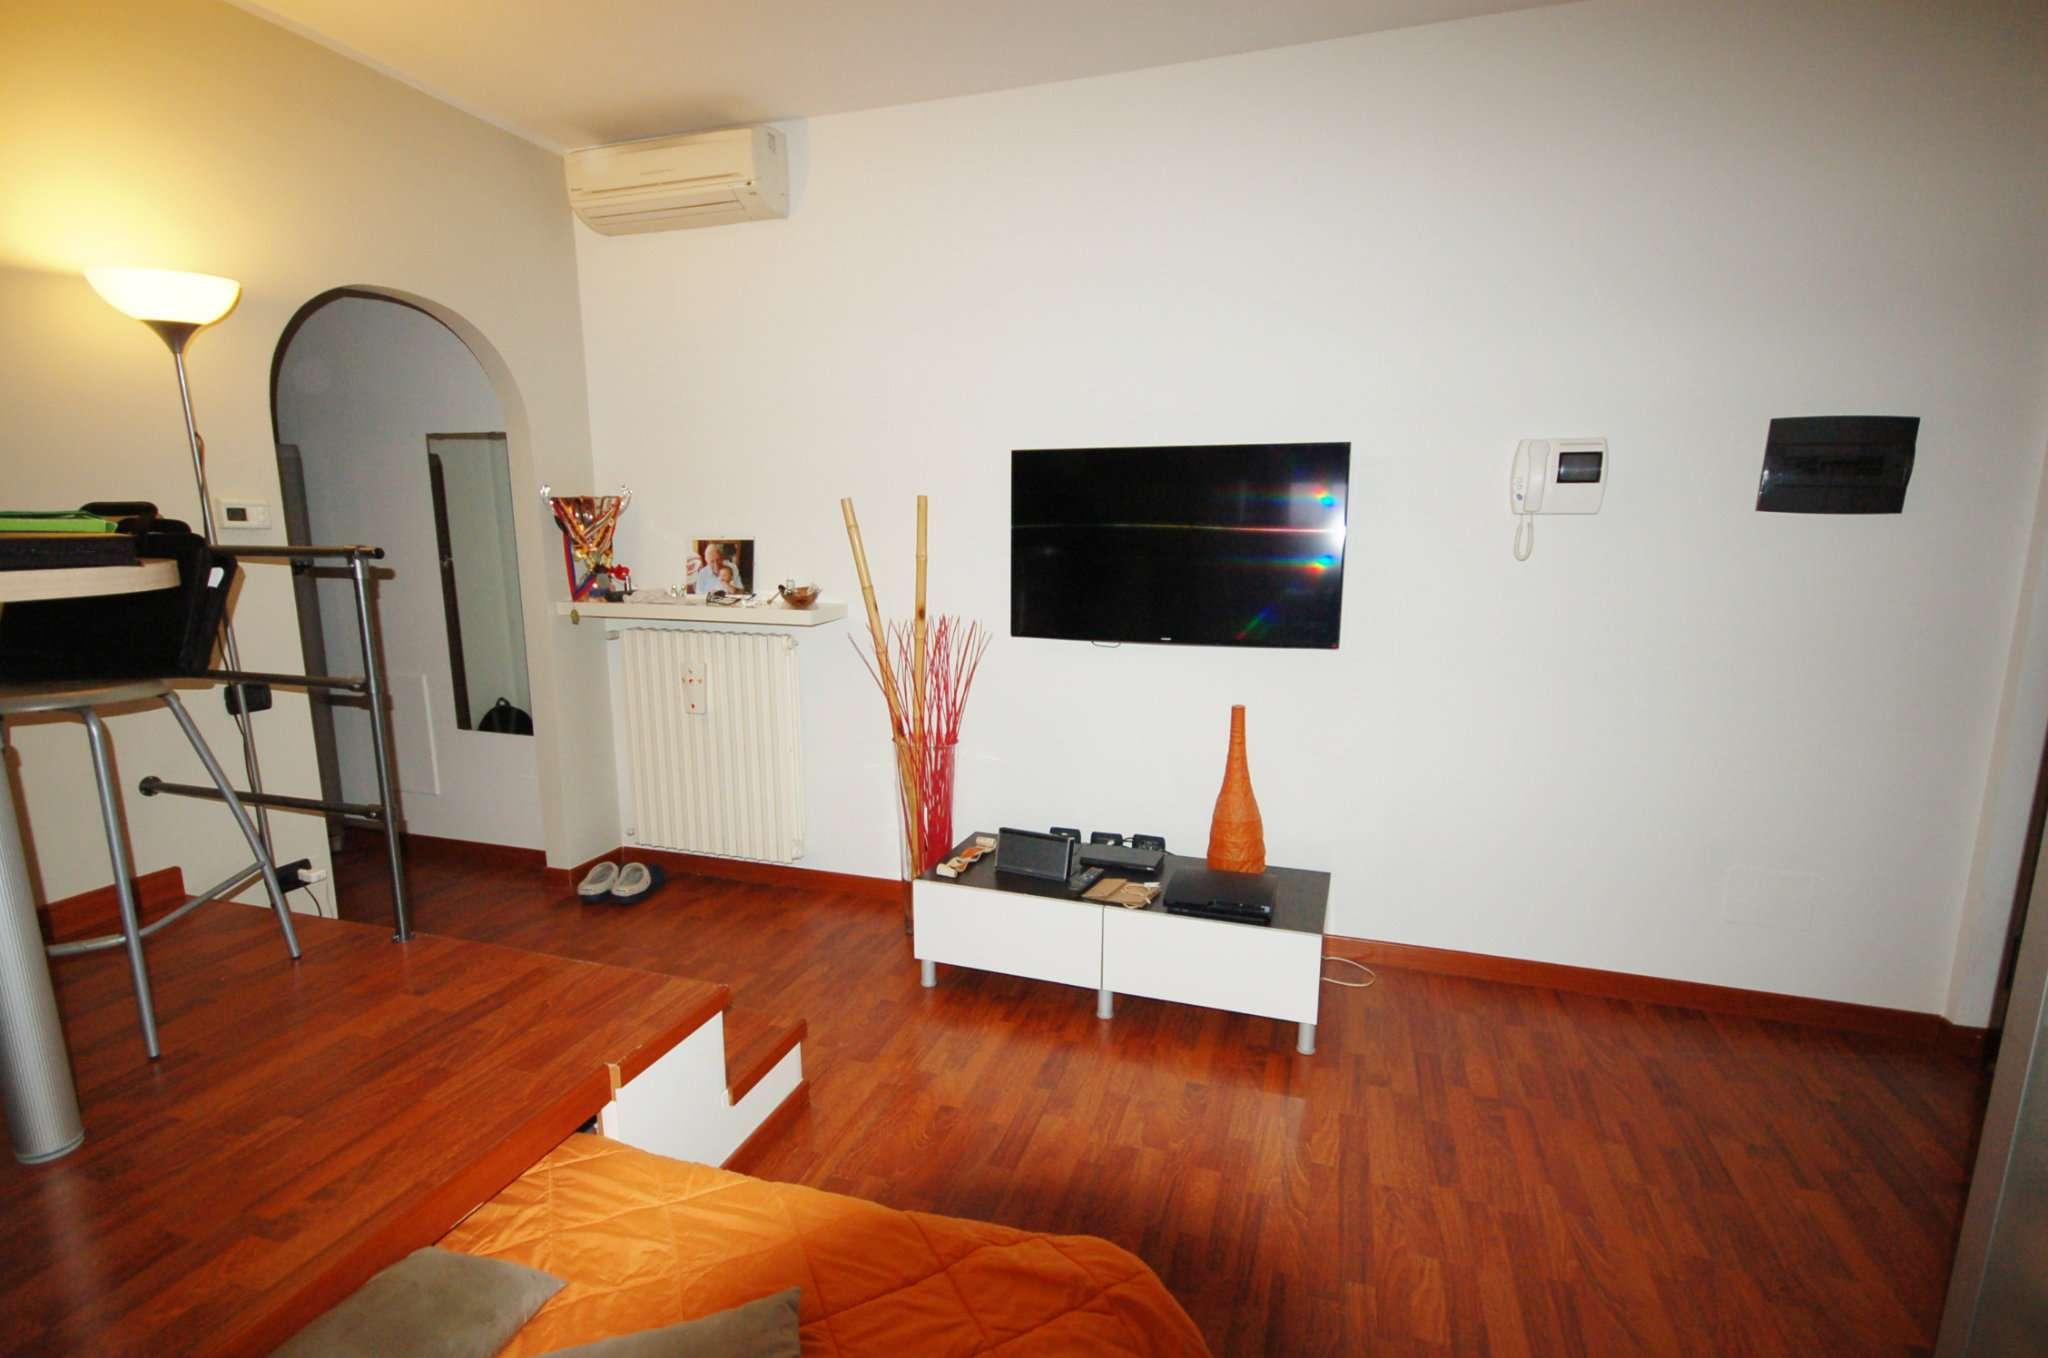 Appartamento in vendita a Opera, 1 locali, prezzo € 135.000 | Cambio Casa.it